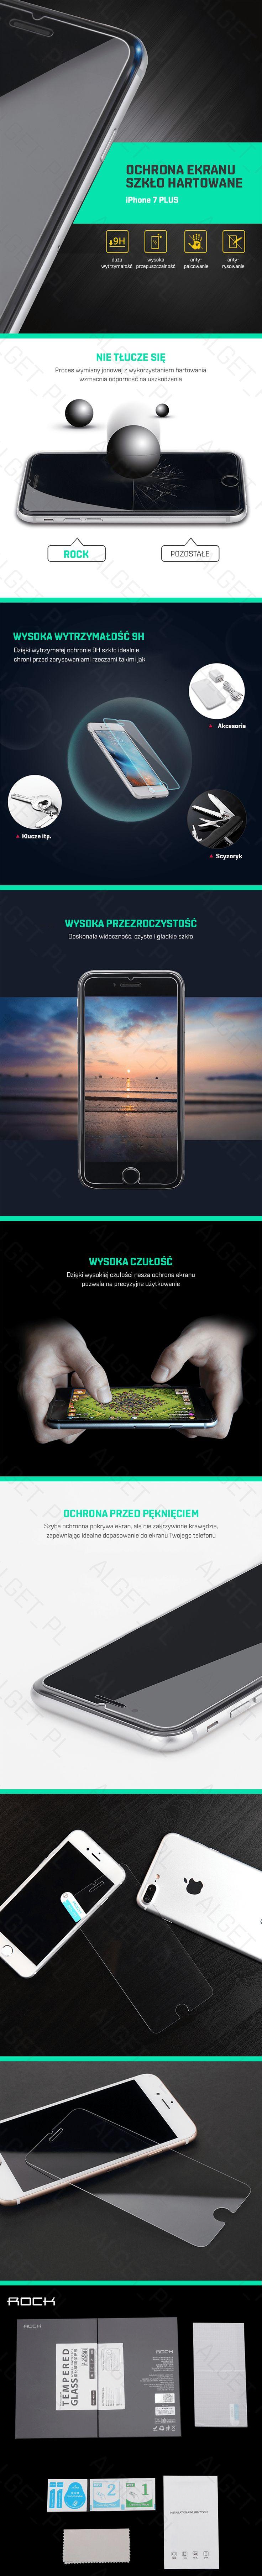 Przedmiotem aukcji jest szkło hartowane marki ROCK na wyświetlacz telefonu iPhone 7 PLUS. Warstwa szkła hartowanego ma zaledwie 0,3mm grubości oraz cechuje go bardzo wysoka twardość (9H) zapewniając dodatkową ochronę dla Twojego telefonu. Idealna przezroczystość szkła nie zmienia wyświetlanego obrazu pozostawiając jasny i żywy obraz oraz nie powoduje negatywnego wpływu na działanie dotyku. Zaokrąglone krawędzie zwiększają komfort użytkowania.